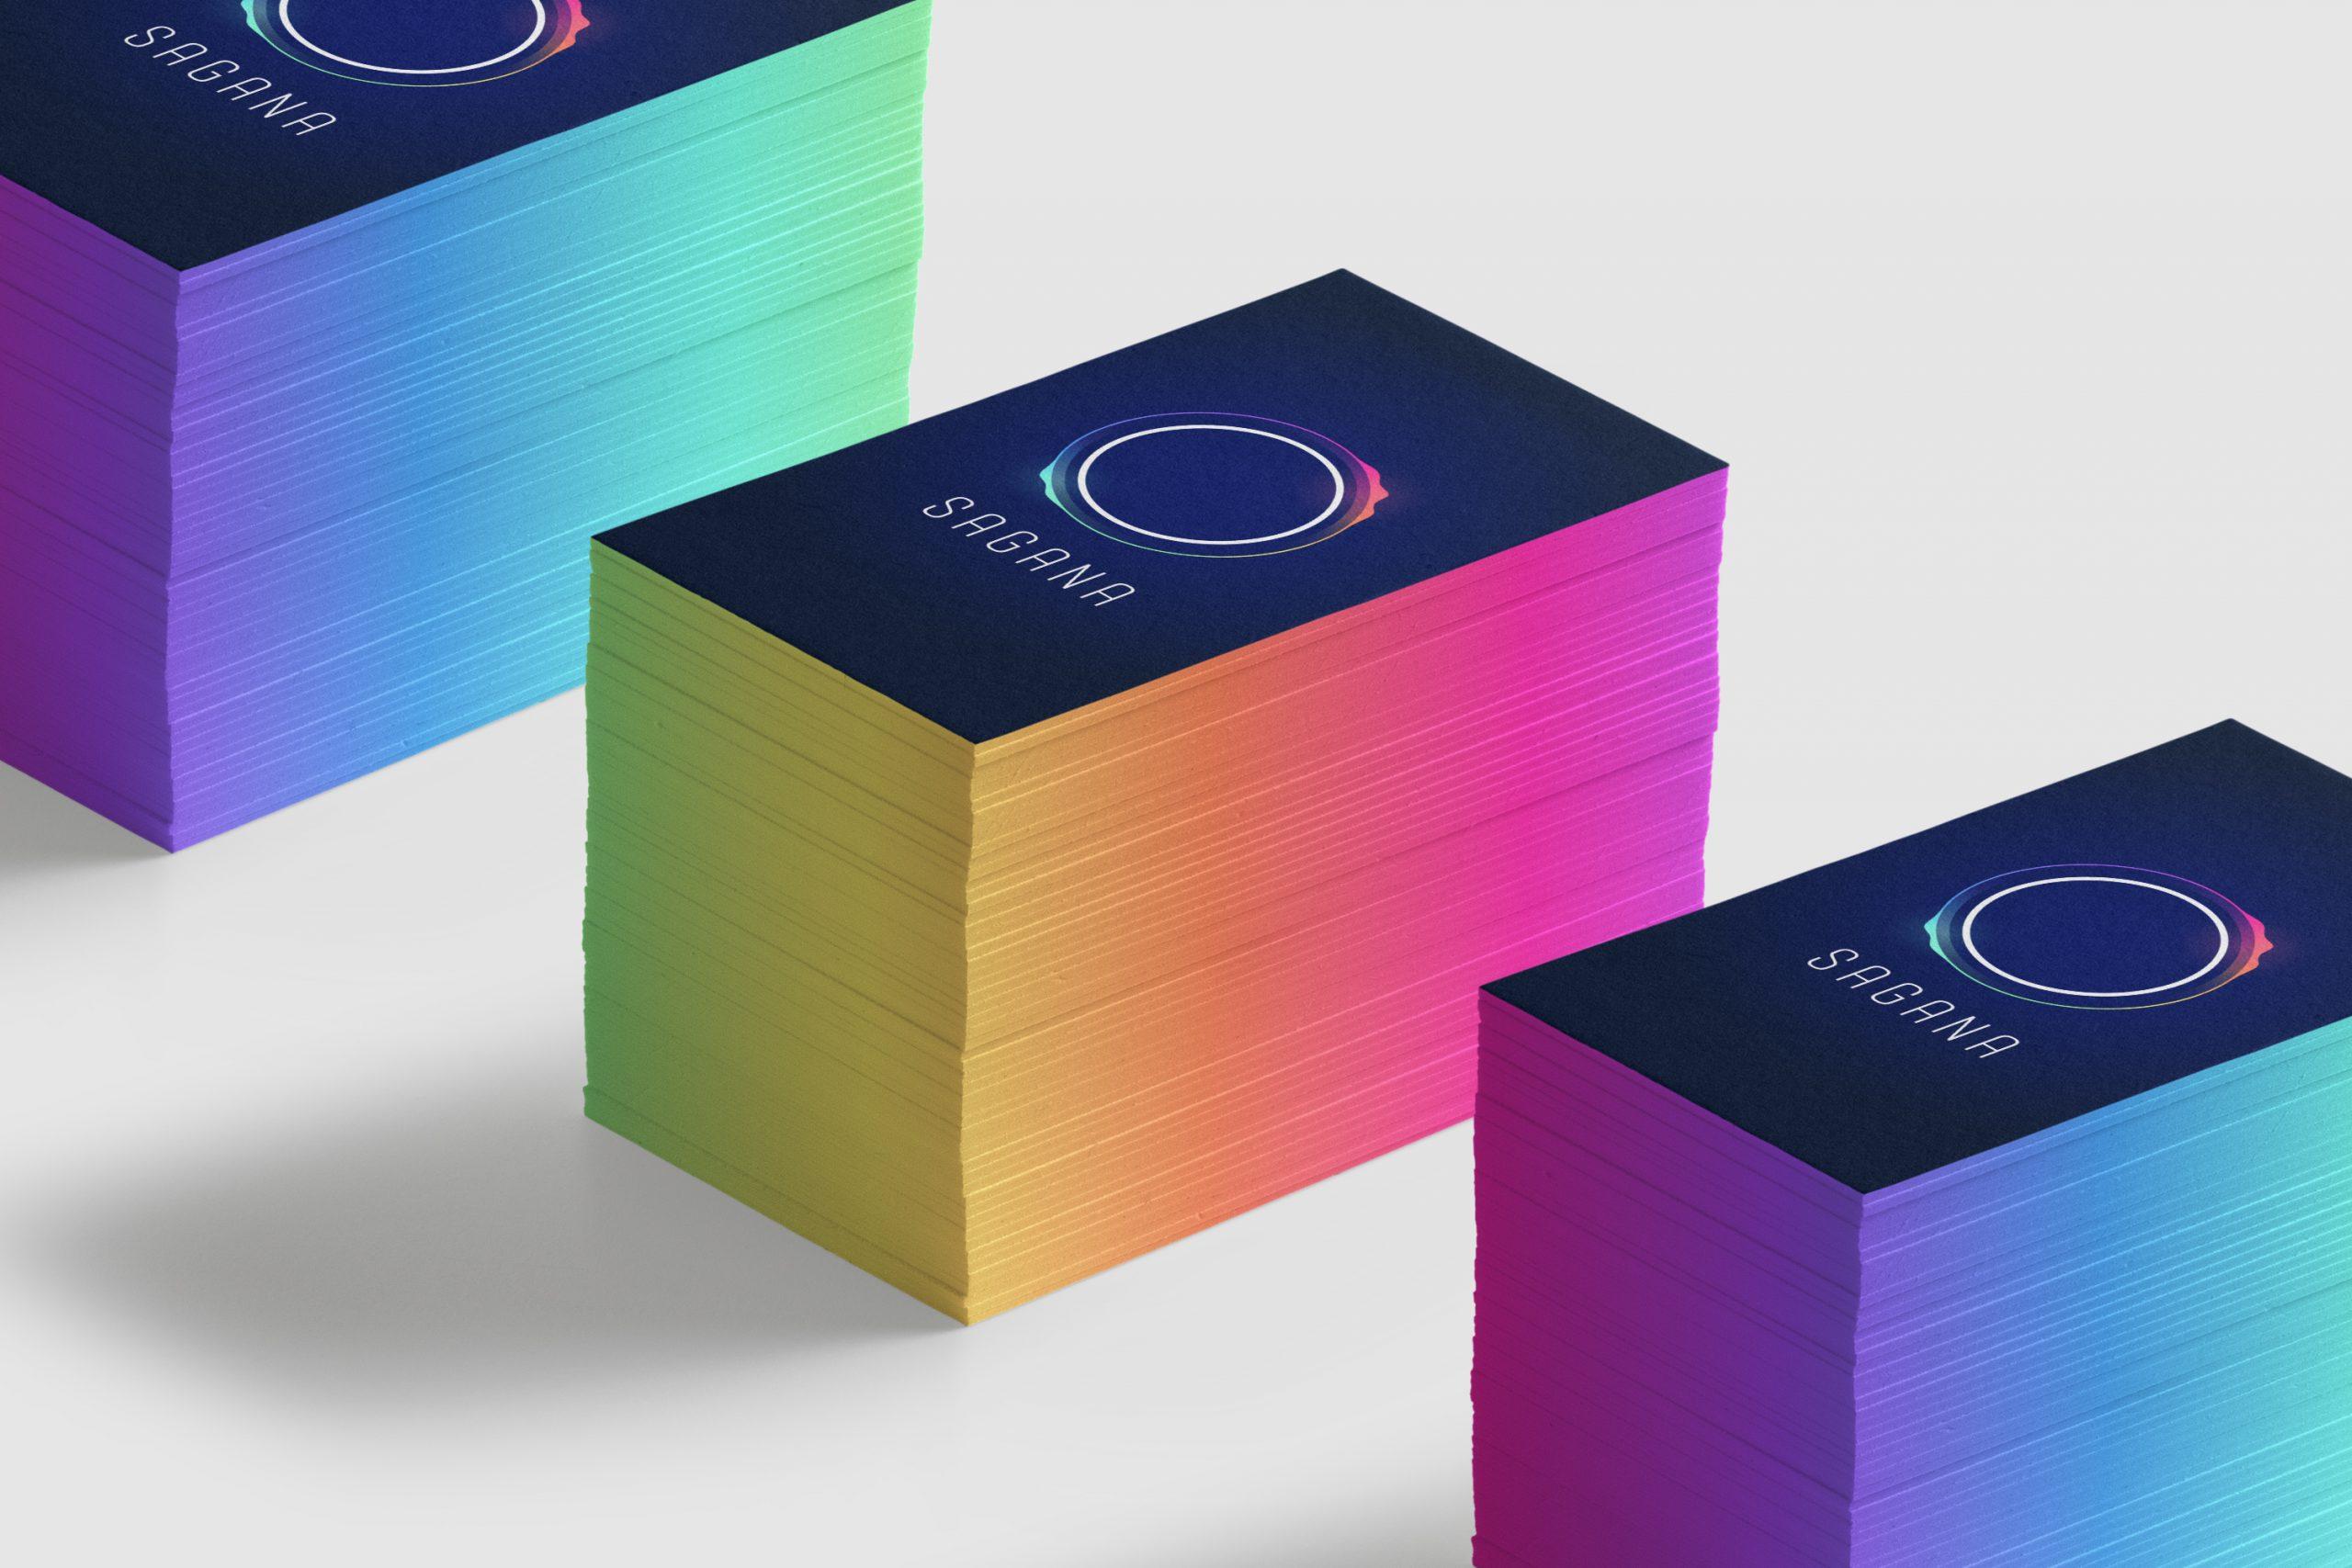 Man sieht 3 Stapel mit Visitenkarten der Impact Investment Beratung SAGANA, die von MAJORMAJOR designt wurden